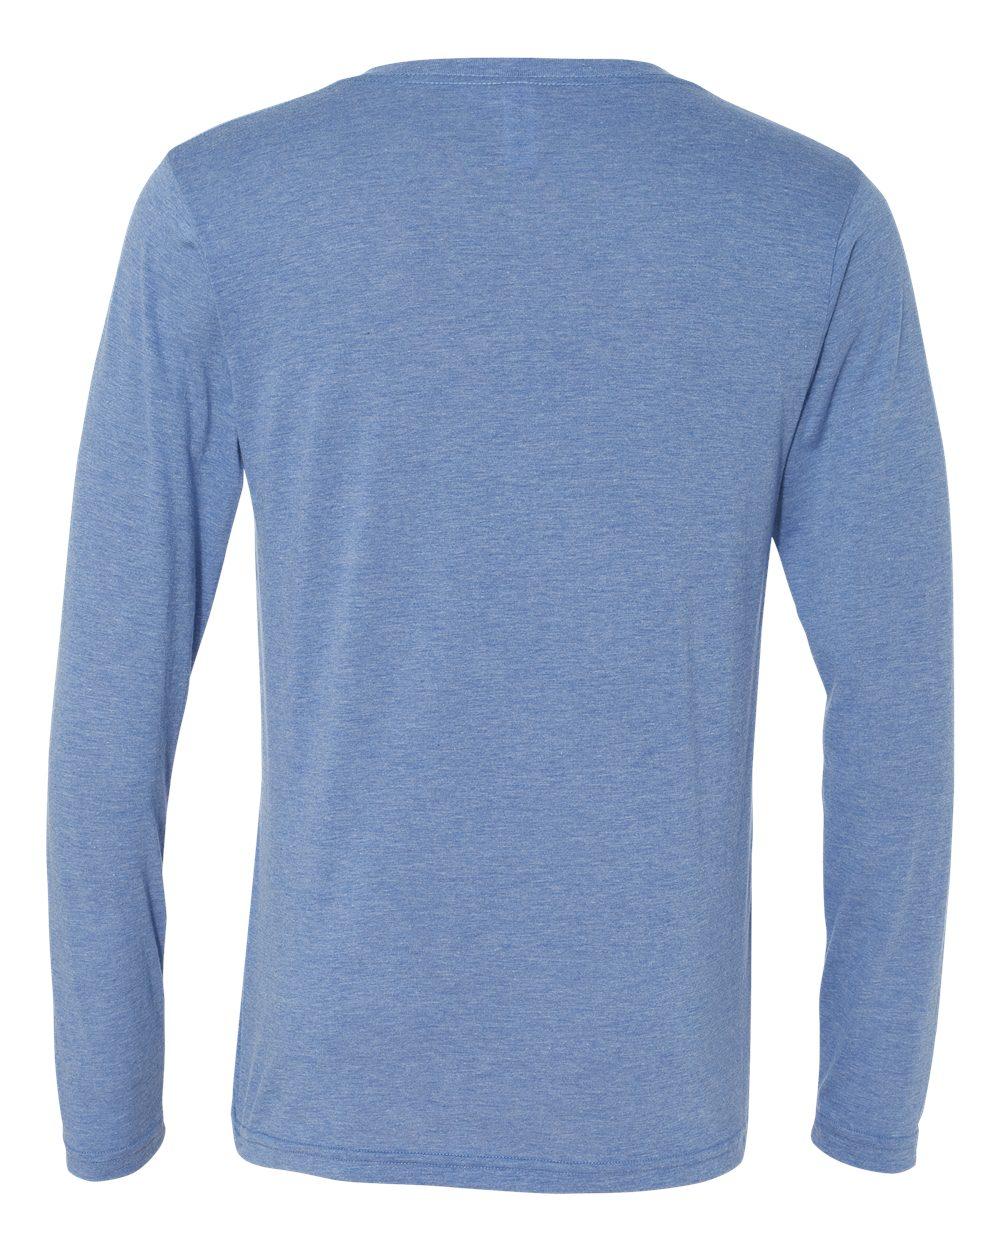 Bella-Canvas-Unisex-Jersey-Long-Sleeve-V-Neck-T-Shirt-3425-XS-2XL thumbnail 19